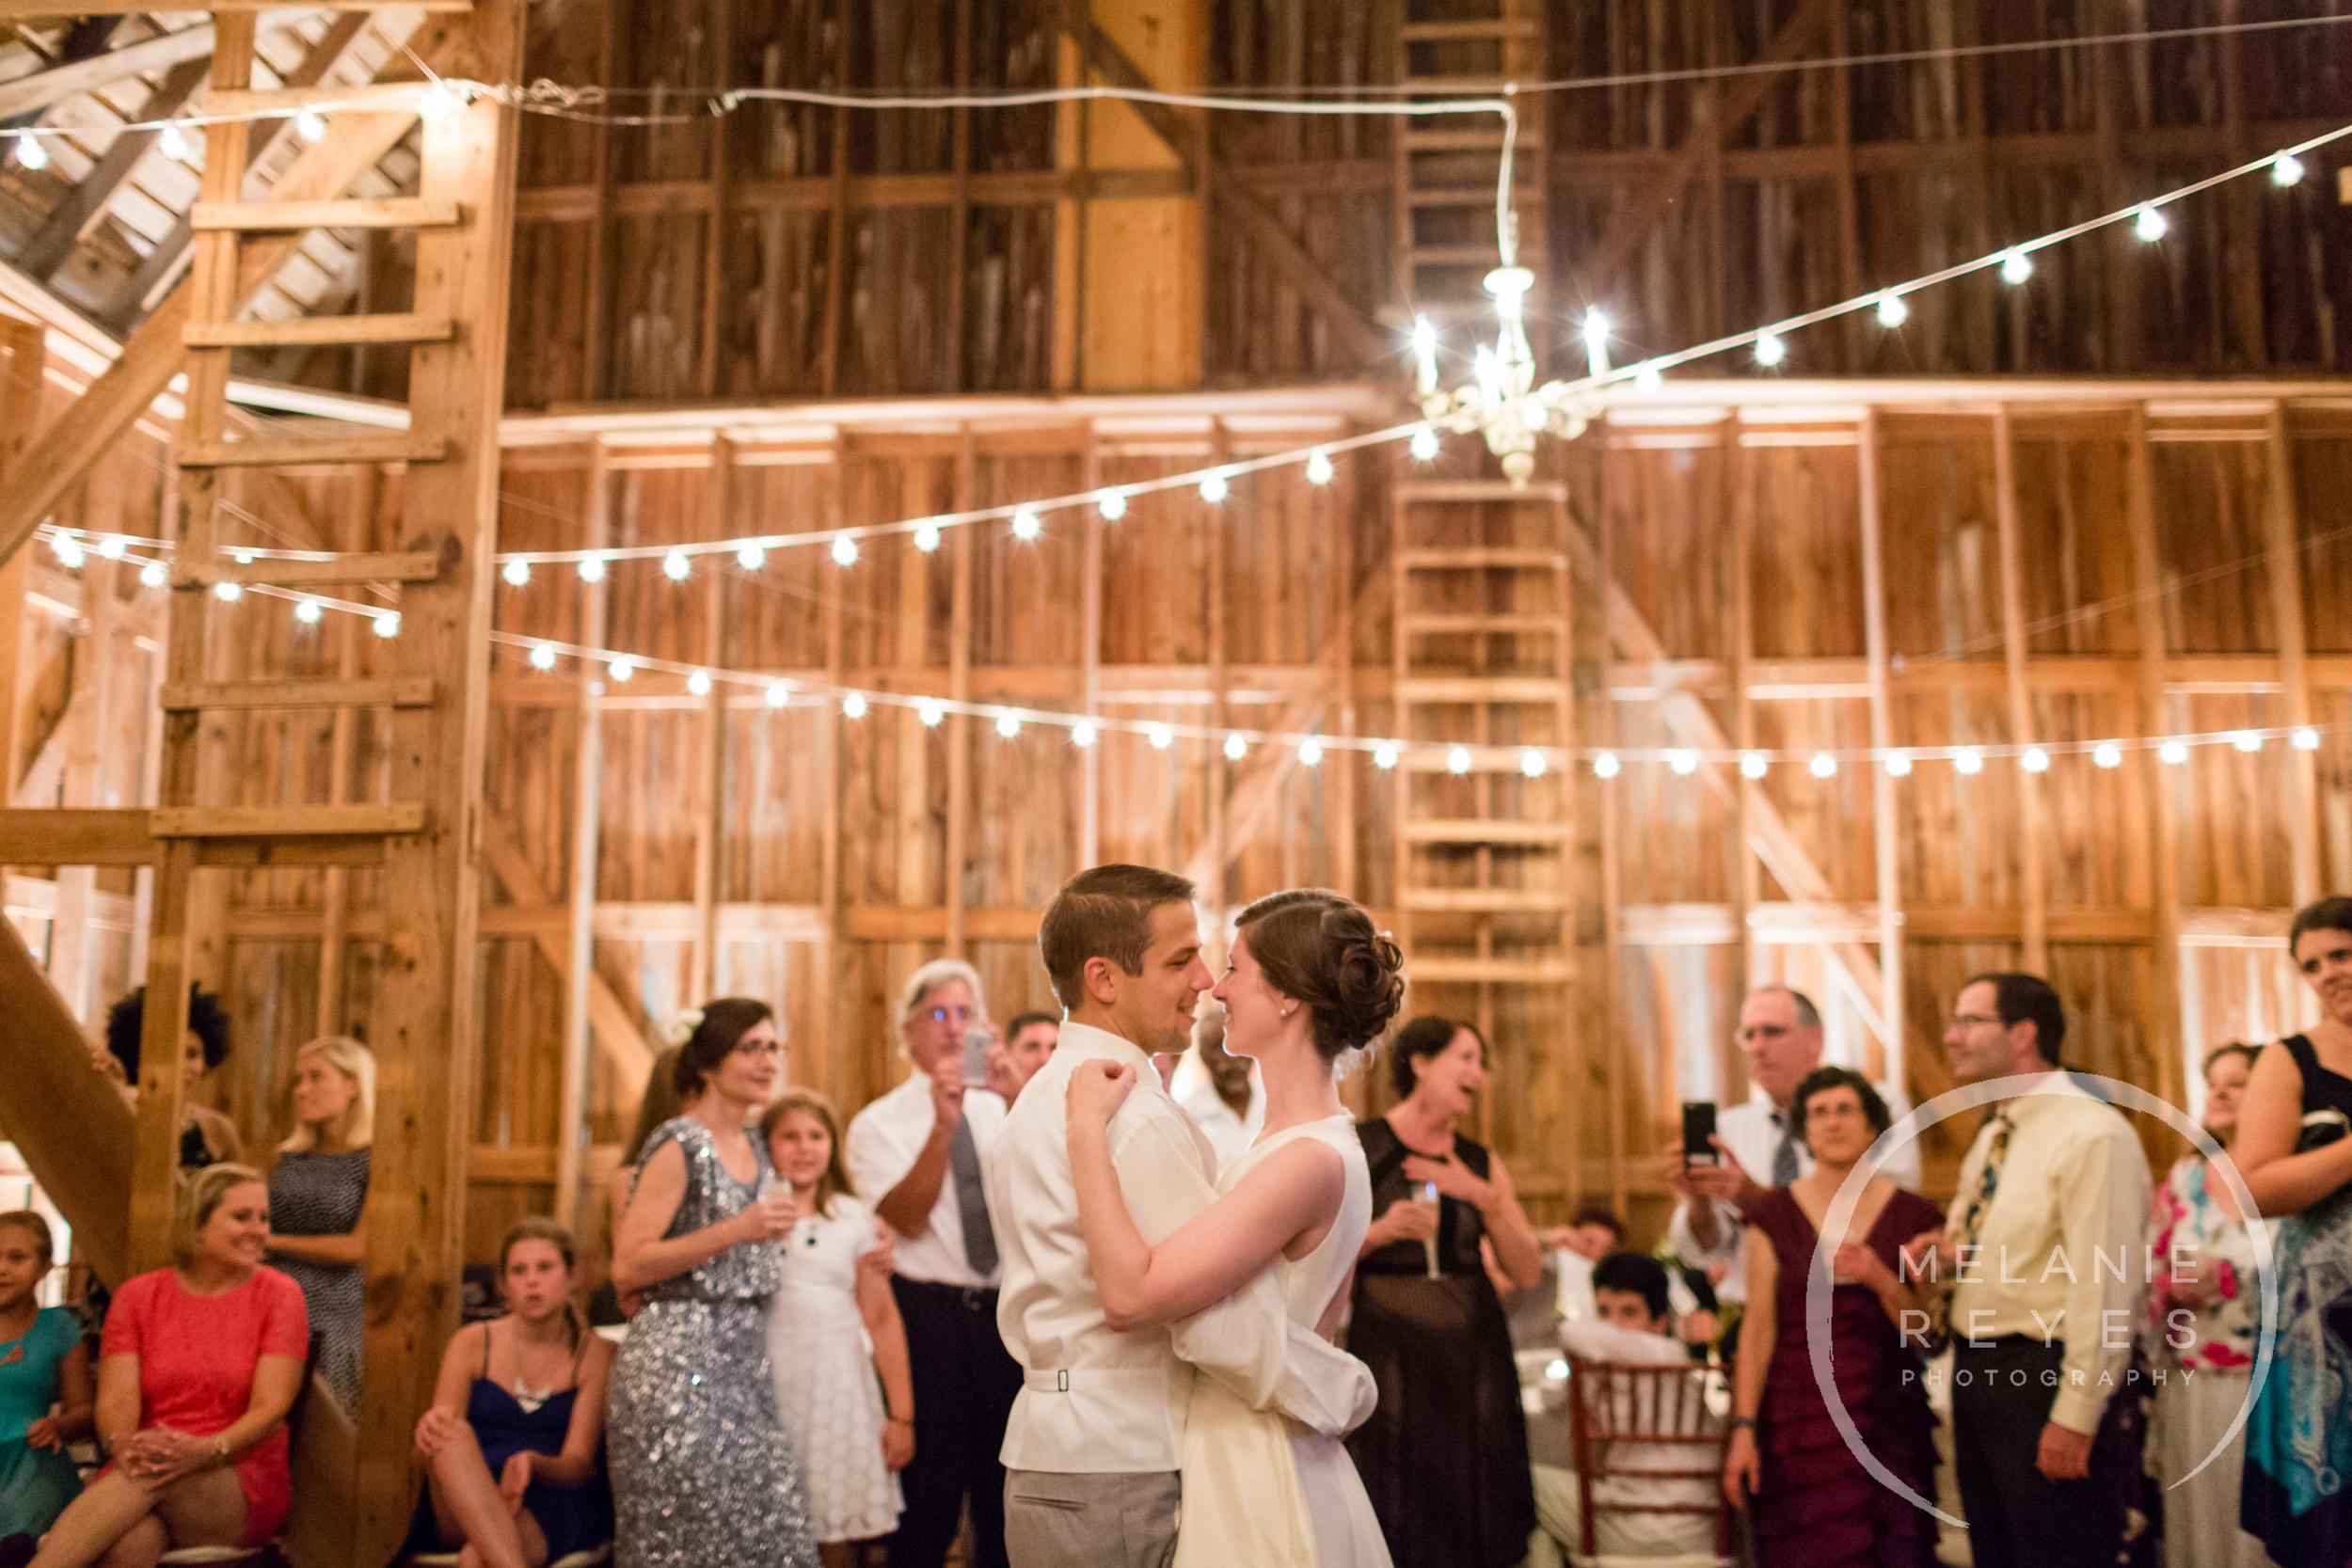 085_farm_wedding_melanie_reyes.JPG